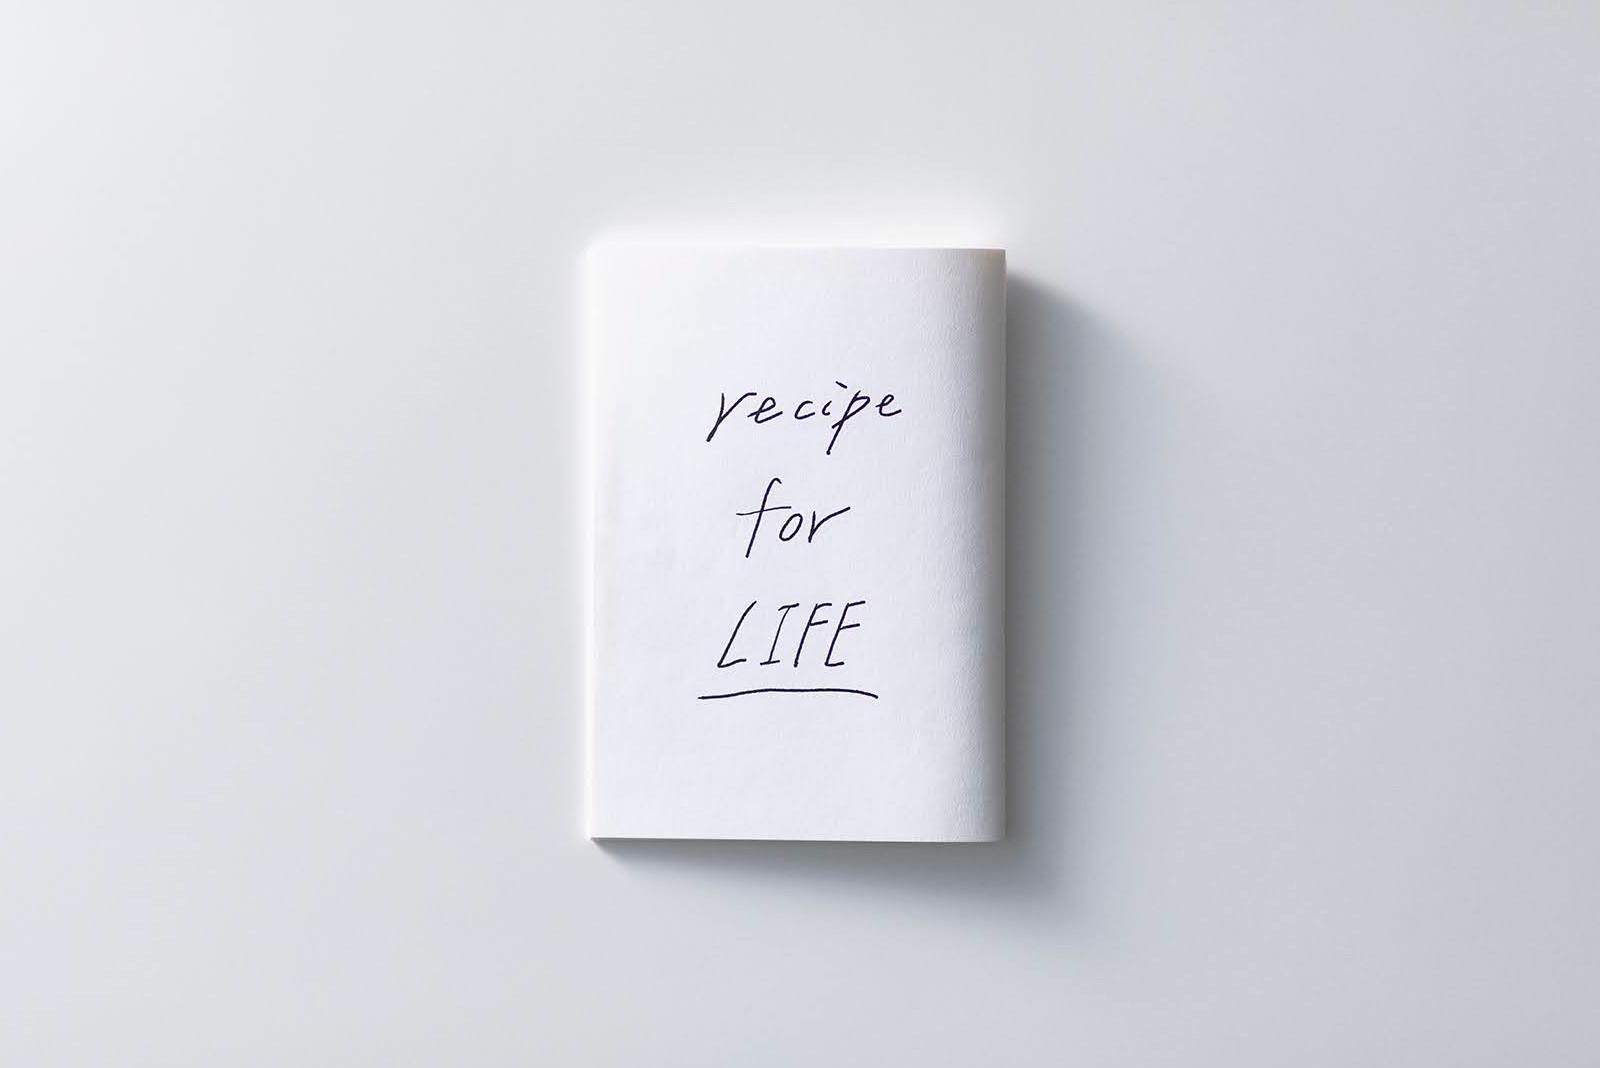 recipe for LIFE  17人の人生のレシピ